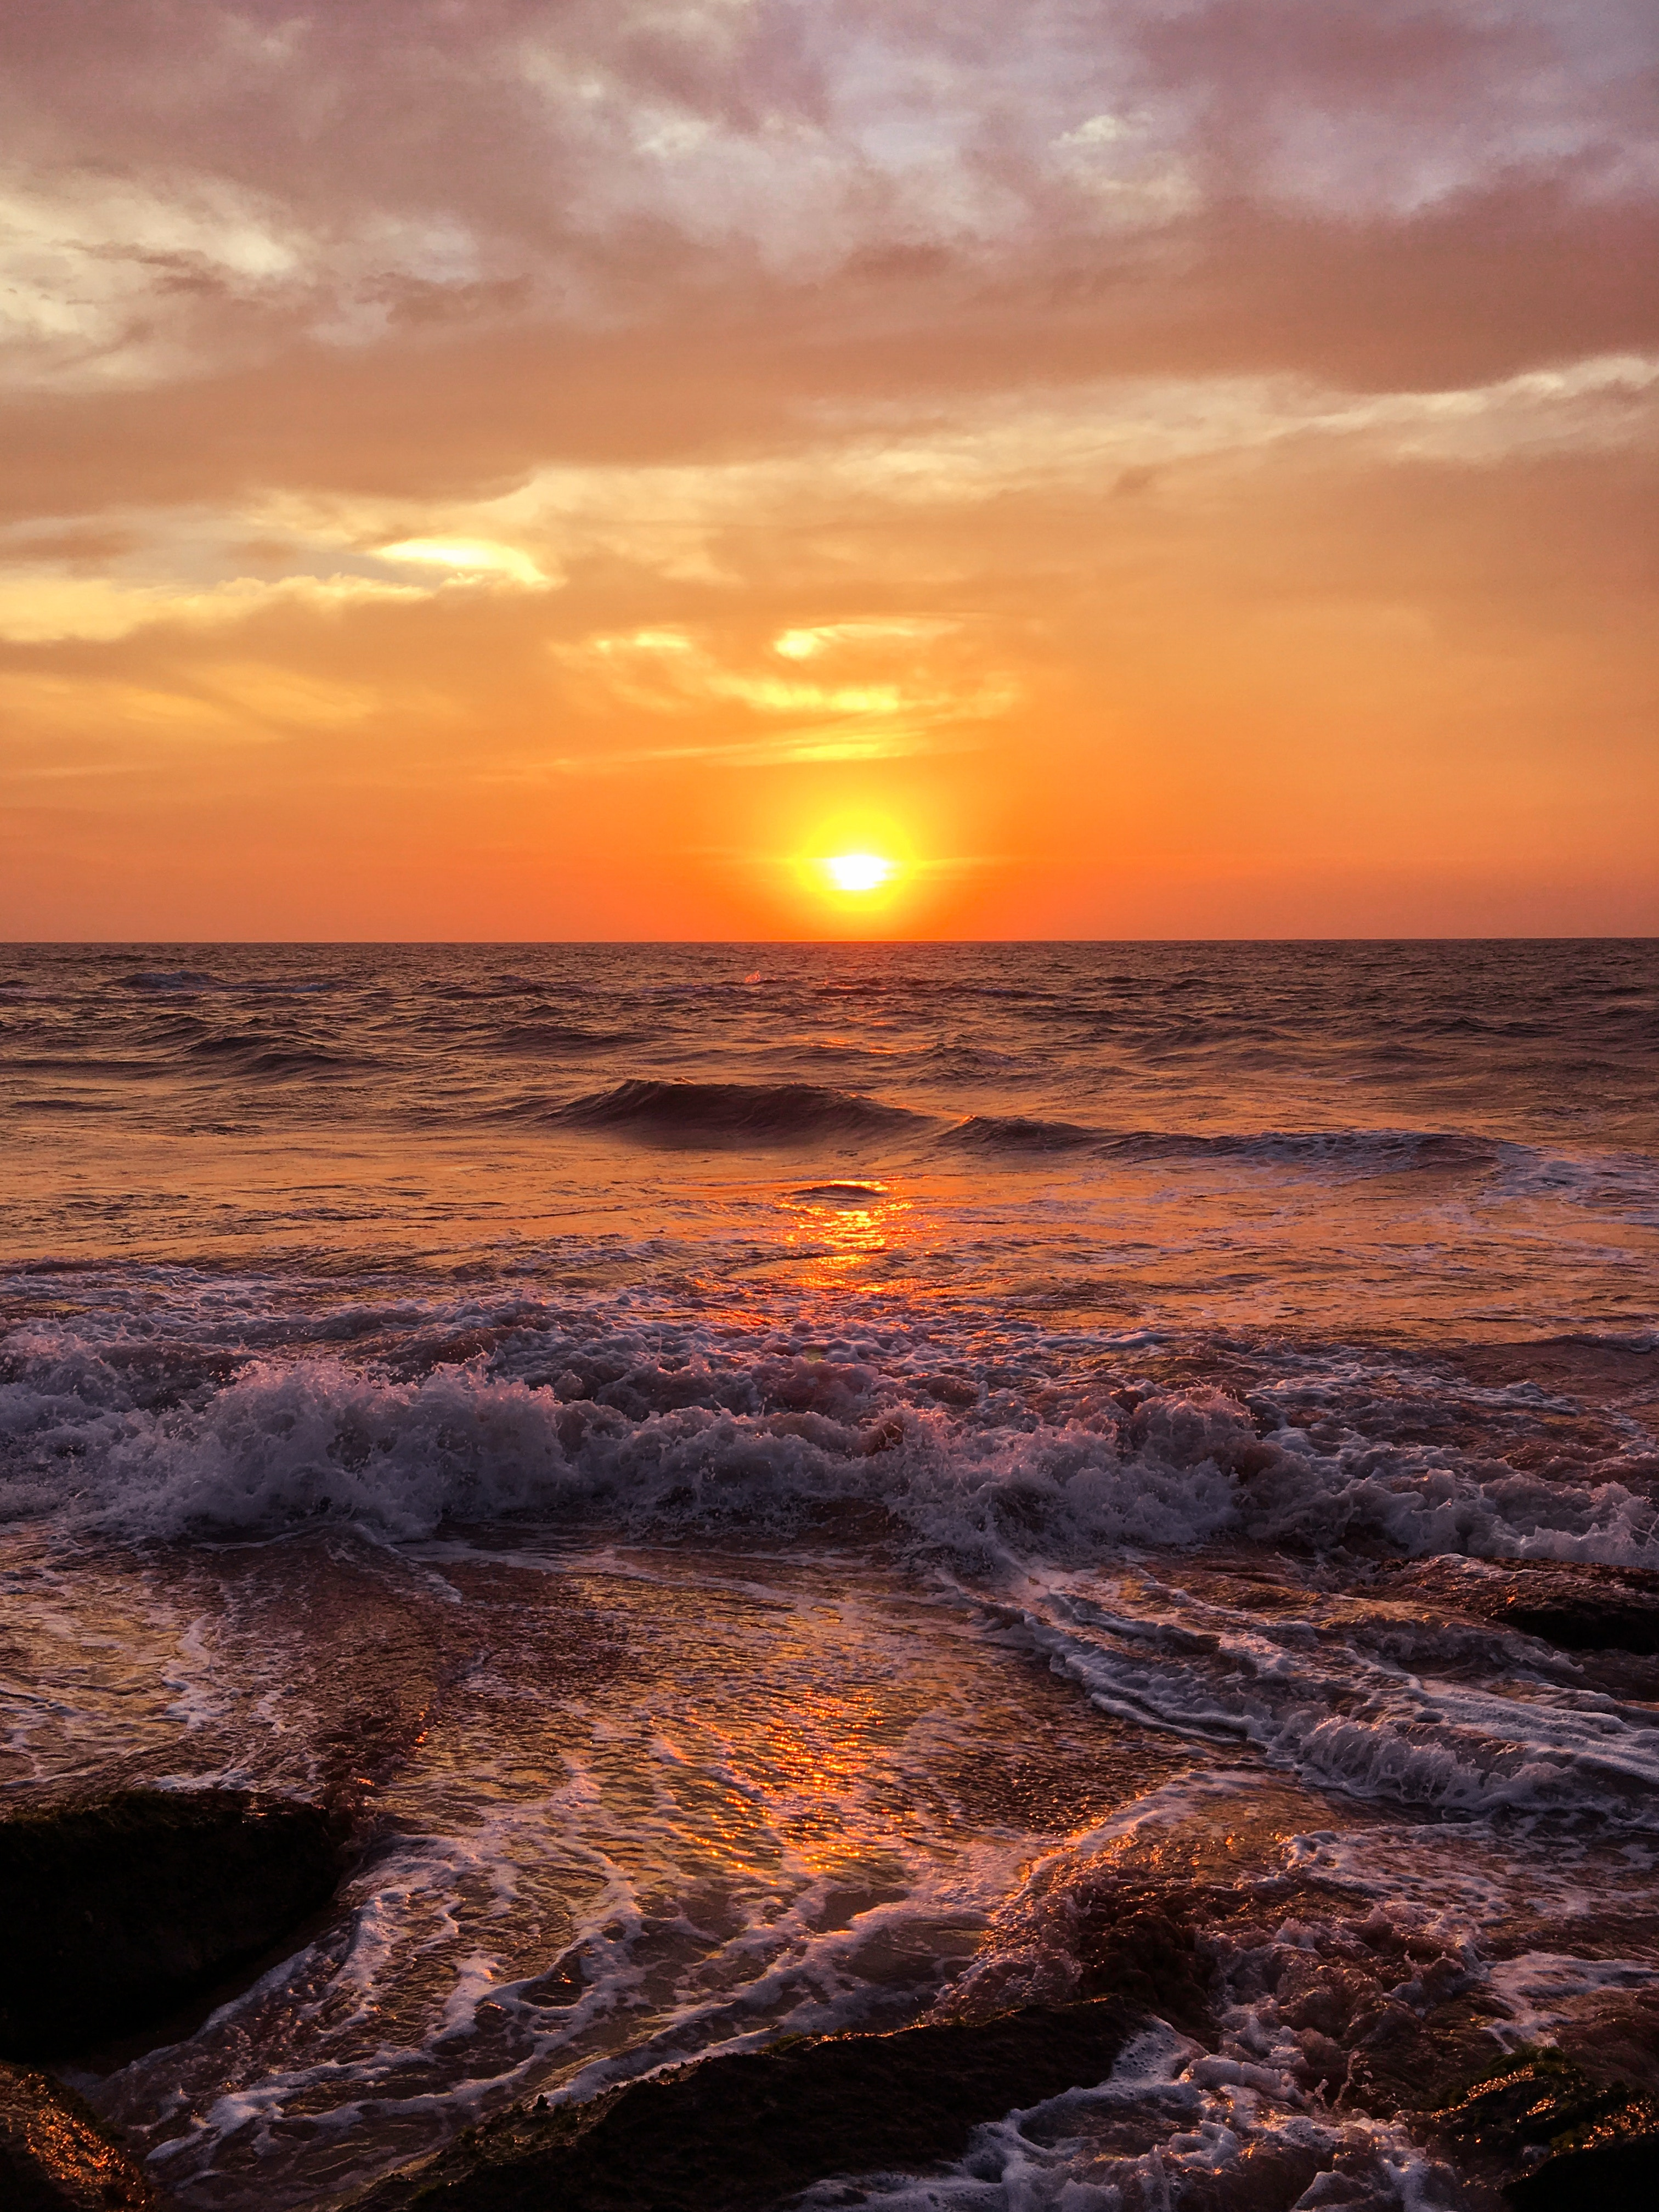 87099 скачать обои Море, Океан, Закат, Природа, Горизонт, Пена, Прибой - заставки и картинки бесплатно